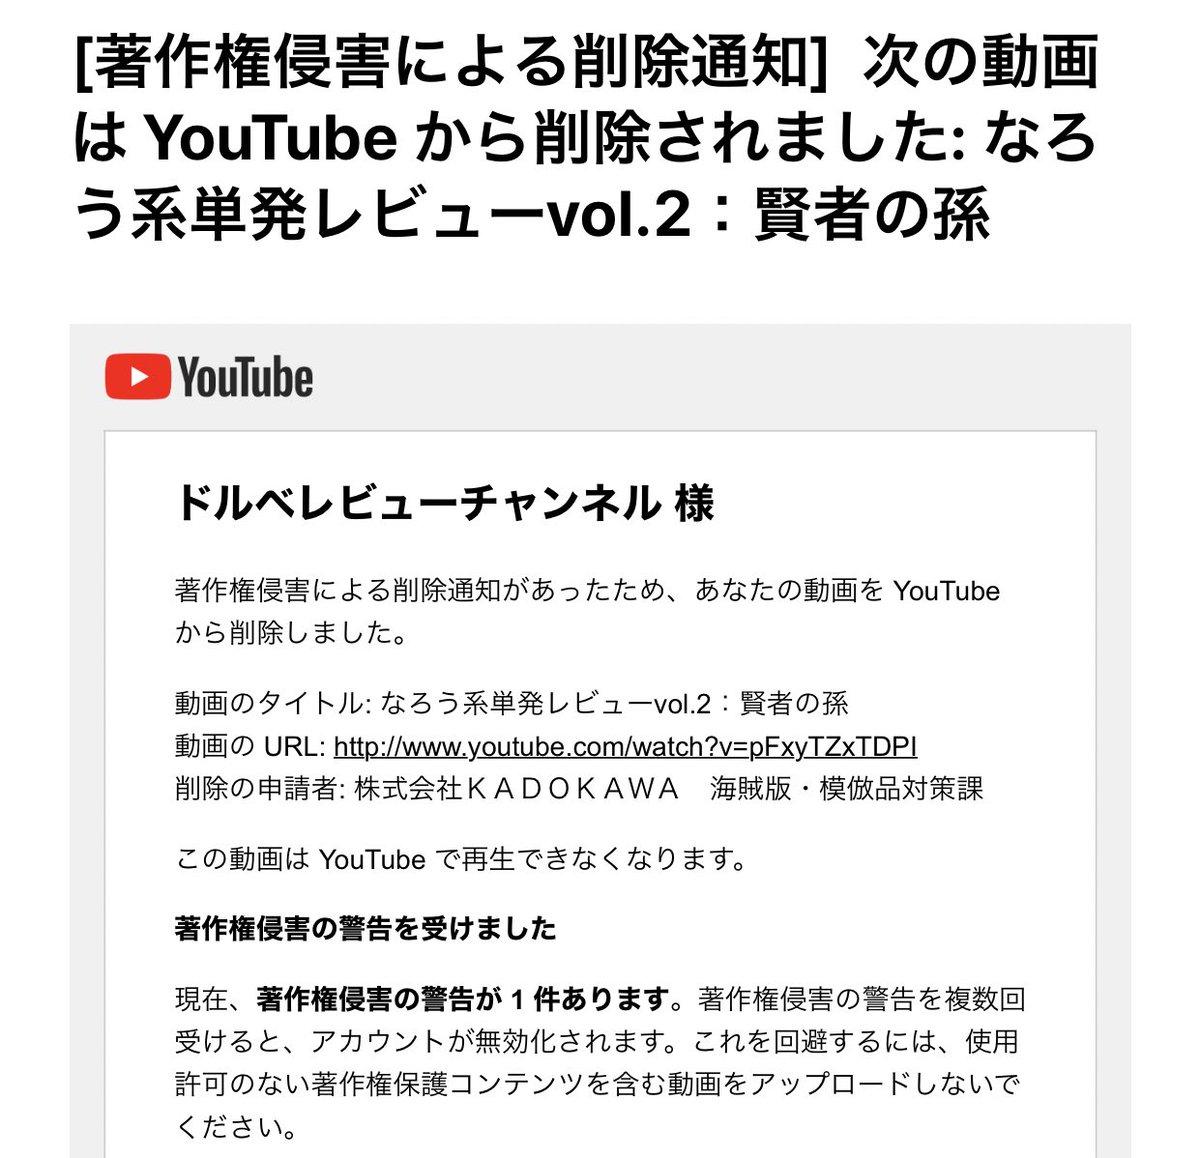 ア ギョウ チャンネル